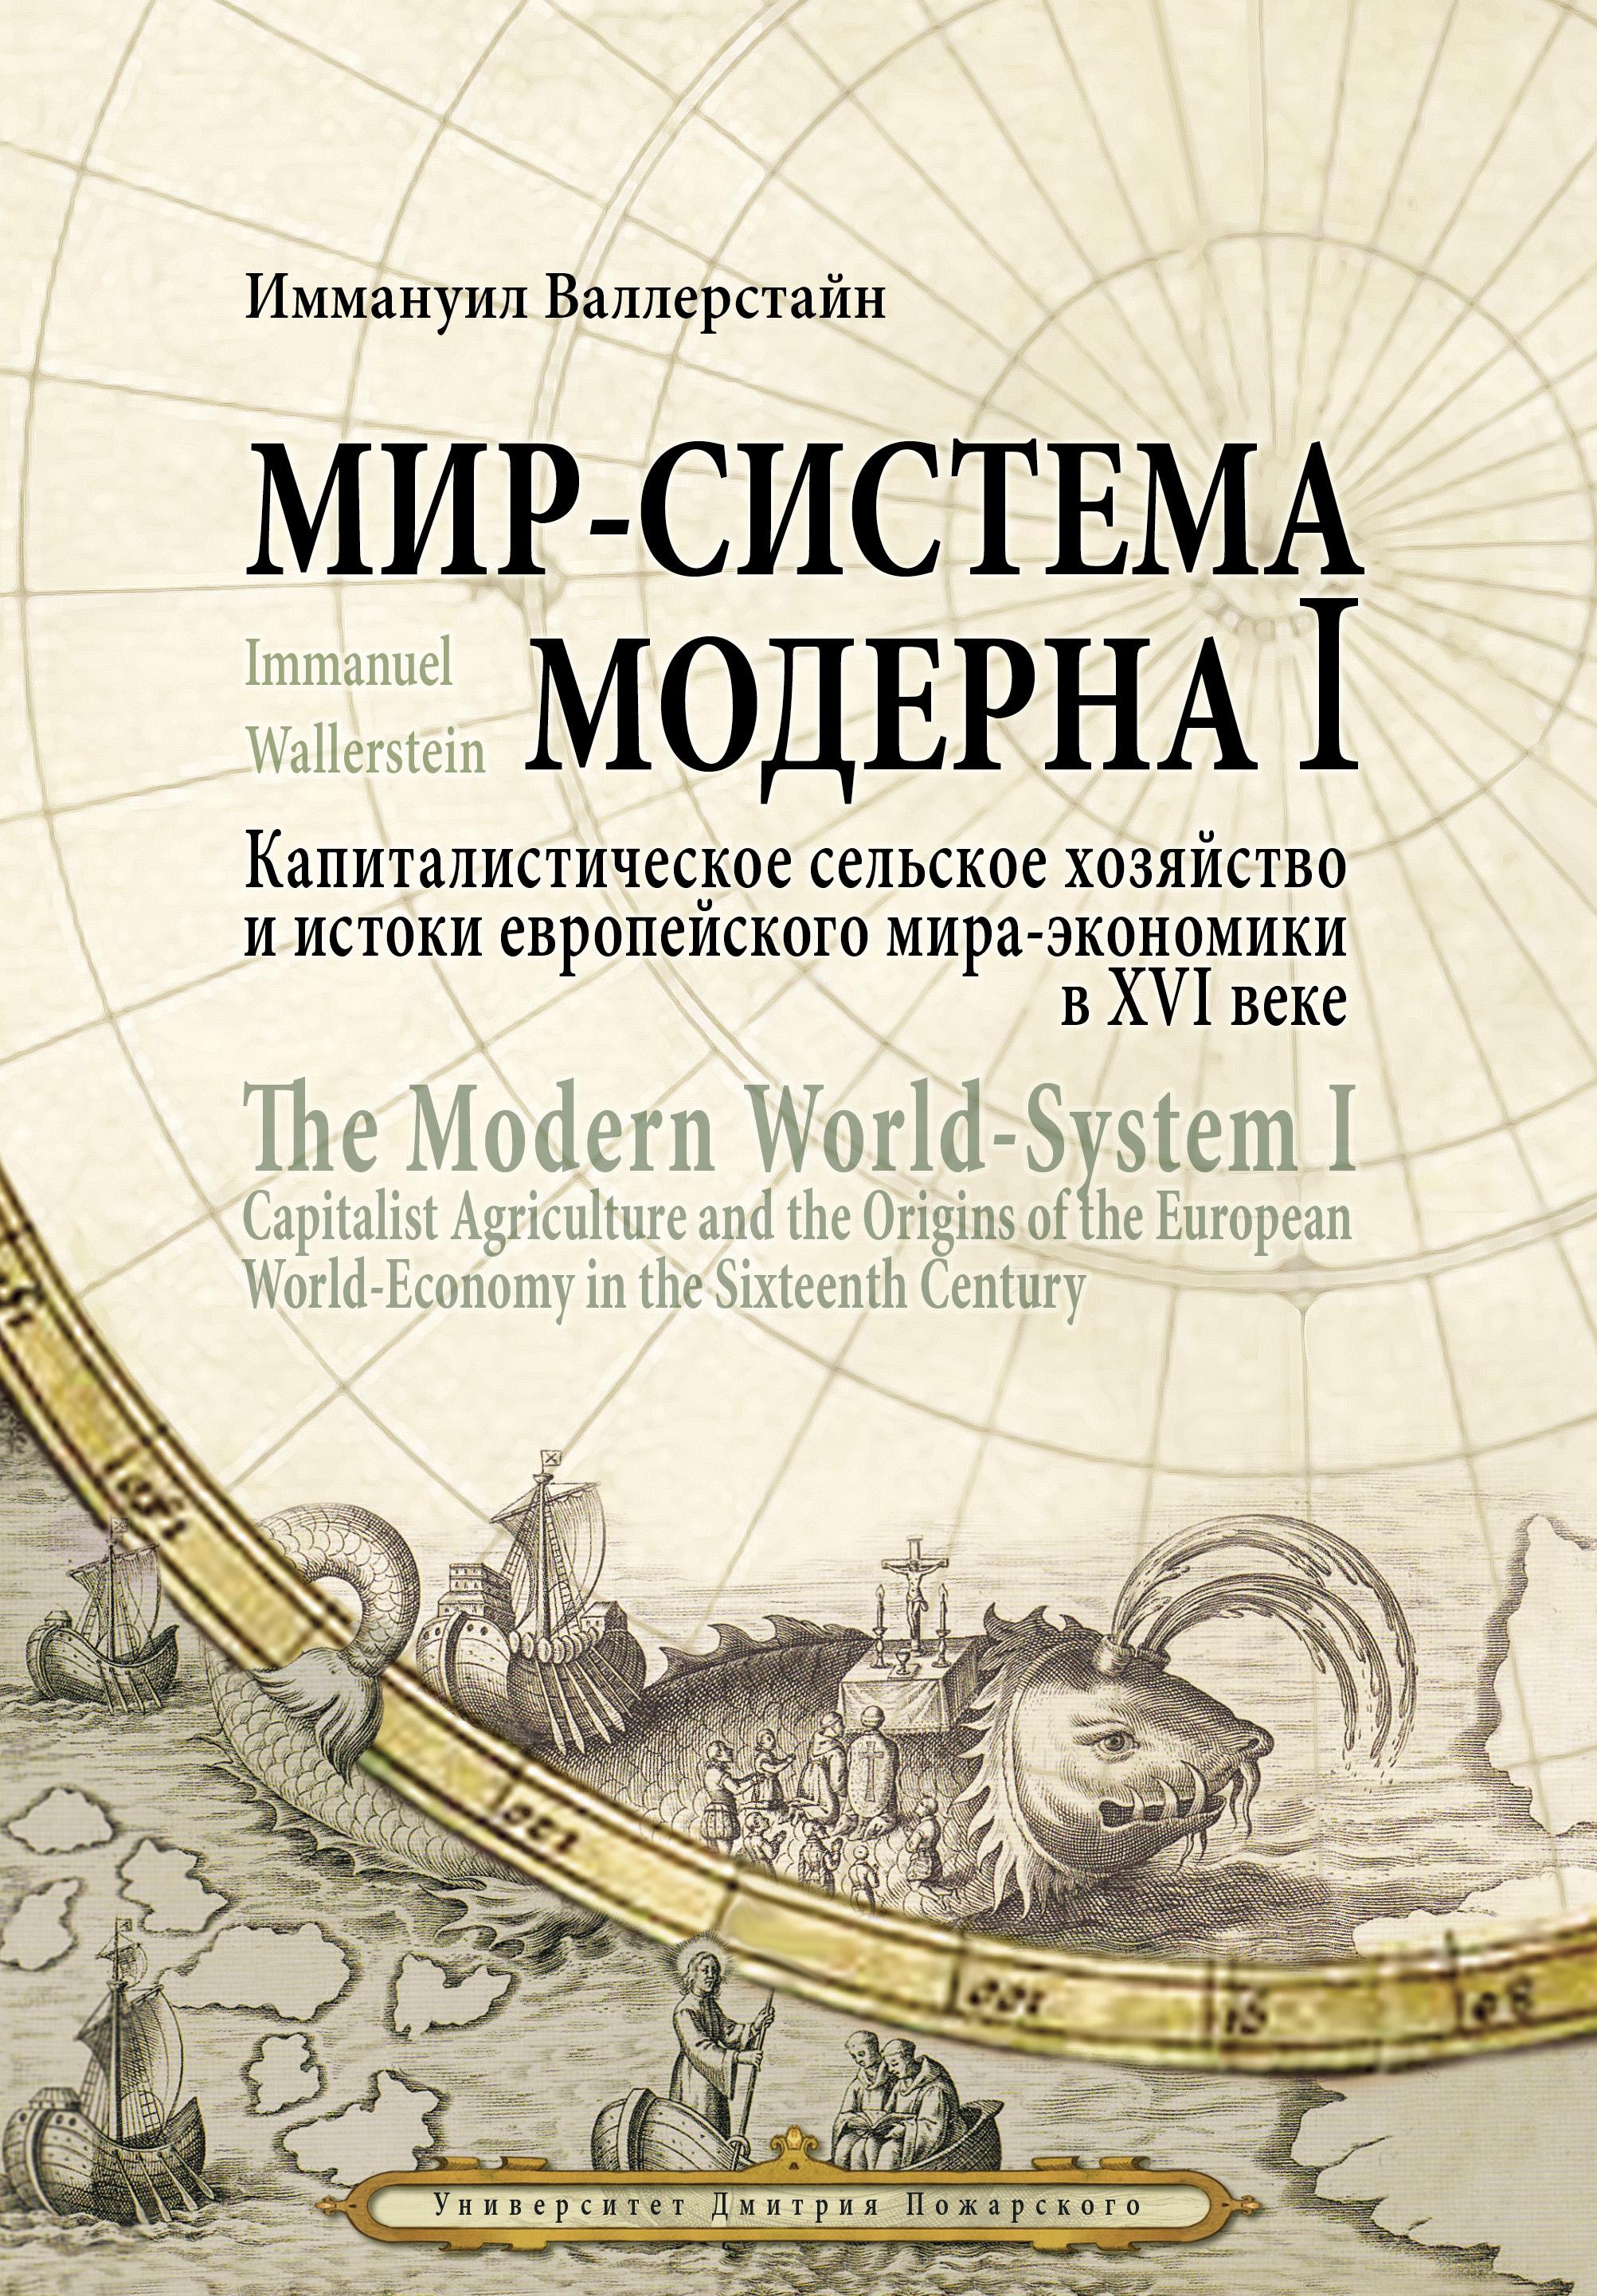 mir sistema moderna tom i kapitalisticheskoe selskoe khozyaystvo i istoki evropeyskogo mira ekonomiki v xvi veke